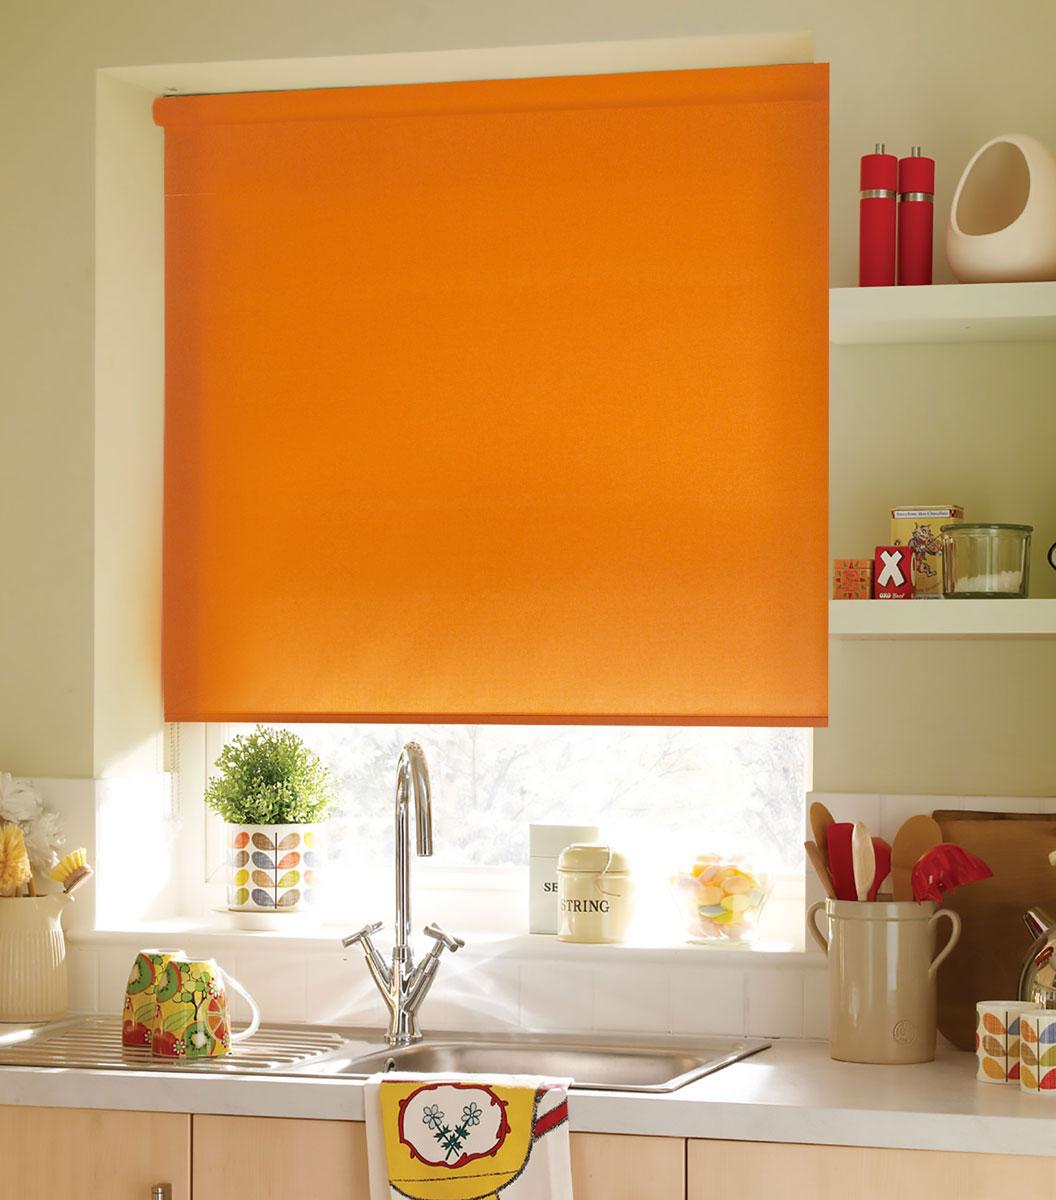 Штора рулонная KauffOrt Миниролло, цвет: оранжевый, ширина 90 см, высота 170 см62.РШТО.8955.120х175Рулонная штора Миниролло выполнена из высокопрочной ткани оранжевого цвета, которая сохраняет свой размер даже при намокании. Ткань не выцветает и обладает отличной цветоустойчивостью. Миниролло - это подвид рулонных штор, который закрывает не весь оконный проем, а непосредственно само стекло. Такие шторы крепятся на раму без сверления при помощи зажимов или клейкой двухсторонней ленты. Окно остаётся на гарантии, благодаря монтажу без сверления. Такая штора станет прекрасным элементом декора окна и гармонично впишется в интерьер любого помещения.